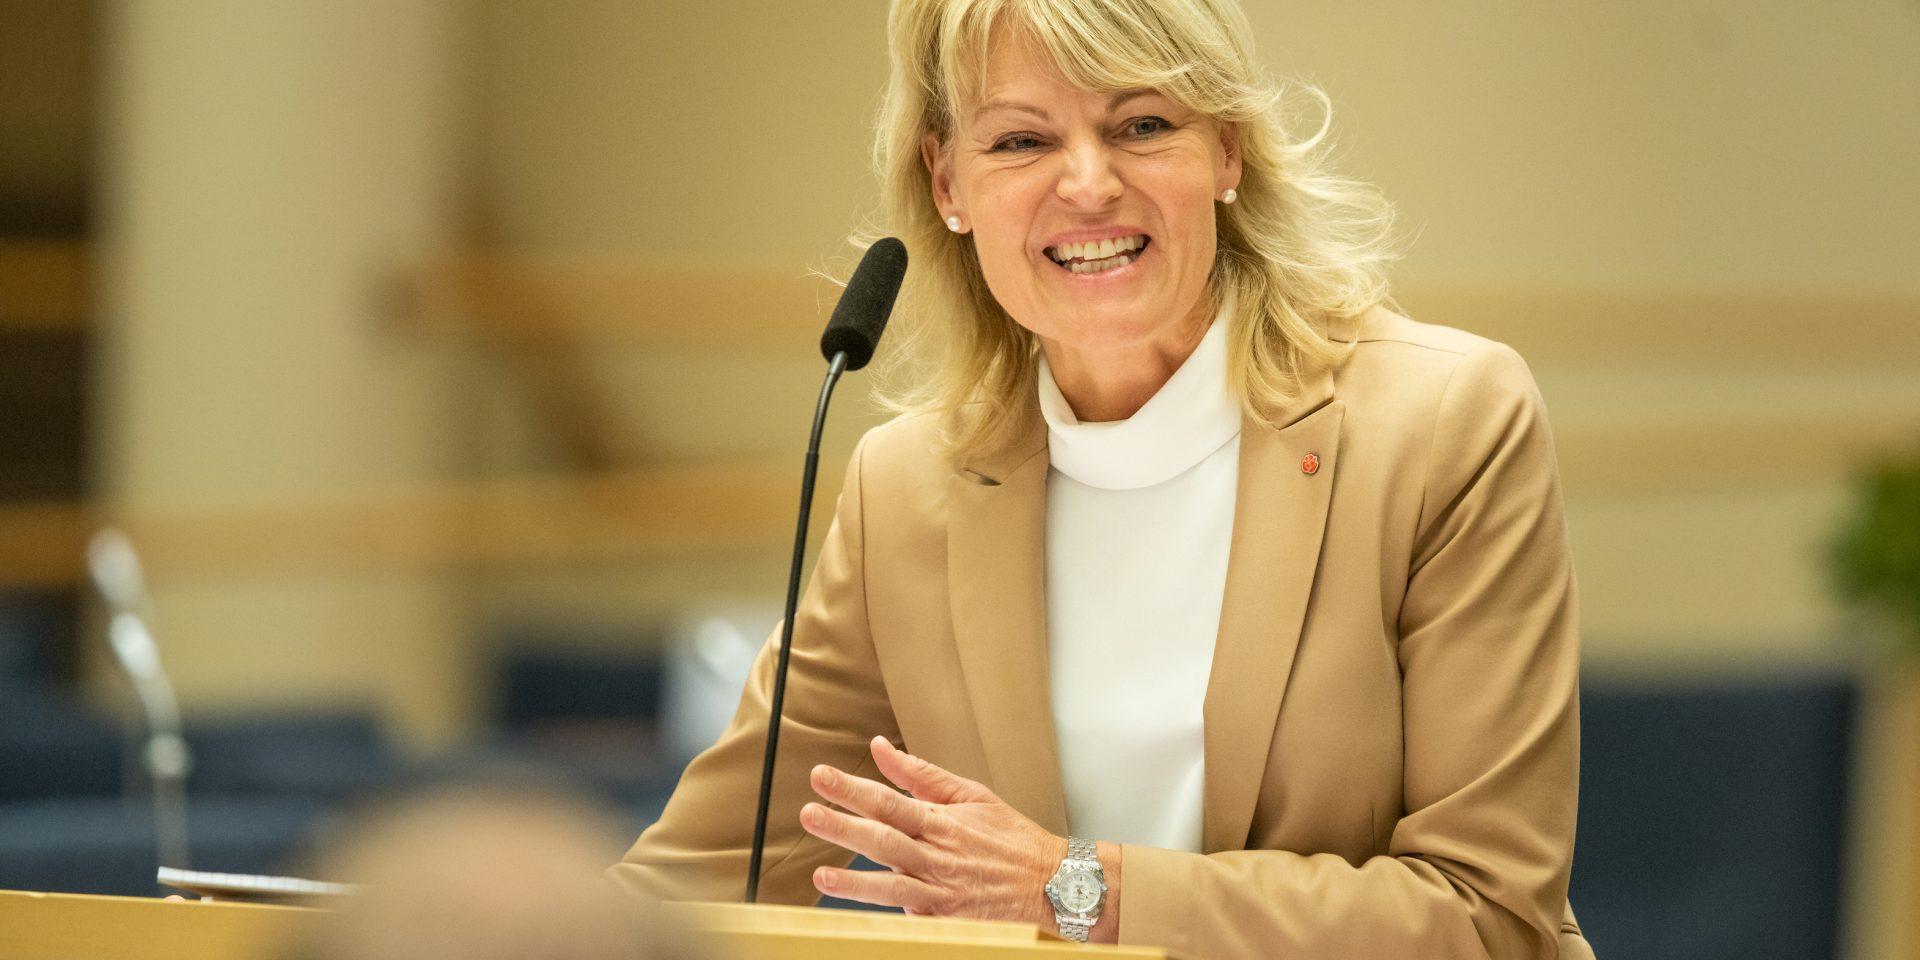 Utrikeshandelsminister Anna Hallberg följer med intresse EU-kommissionens förslag om en gemensam EU-lagstiftning kring ansvarsutkrävande för mänskliga rättigheter för företag som investerar utomlands.